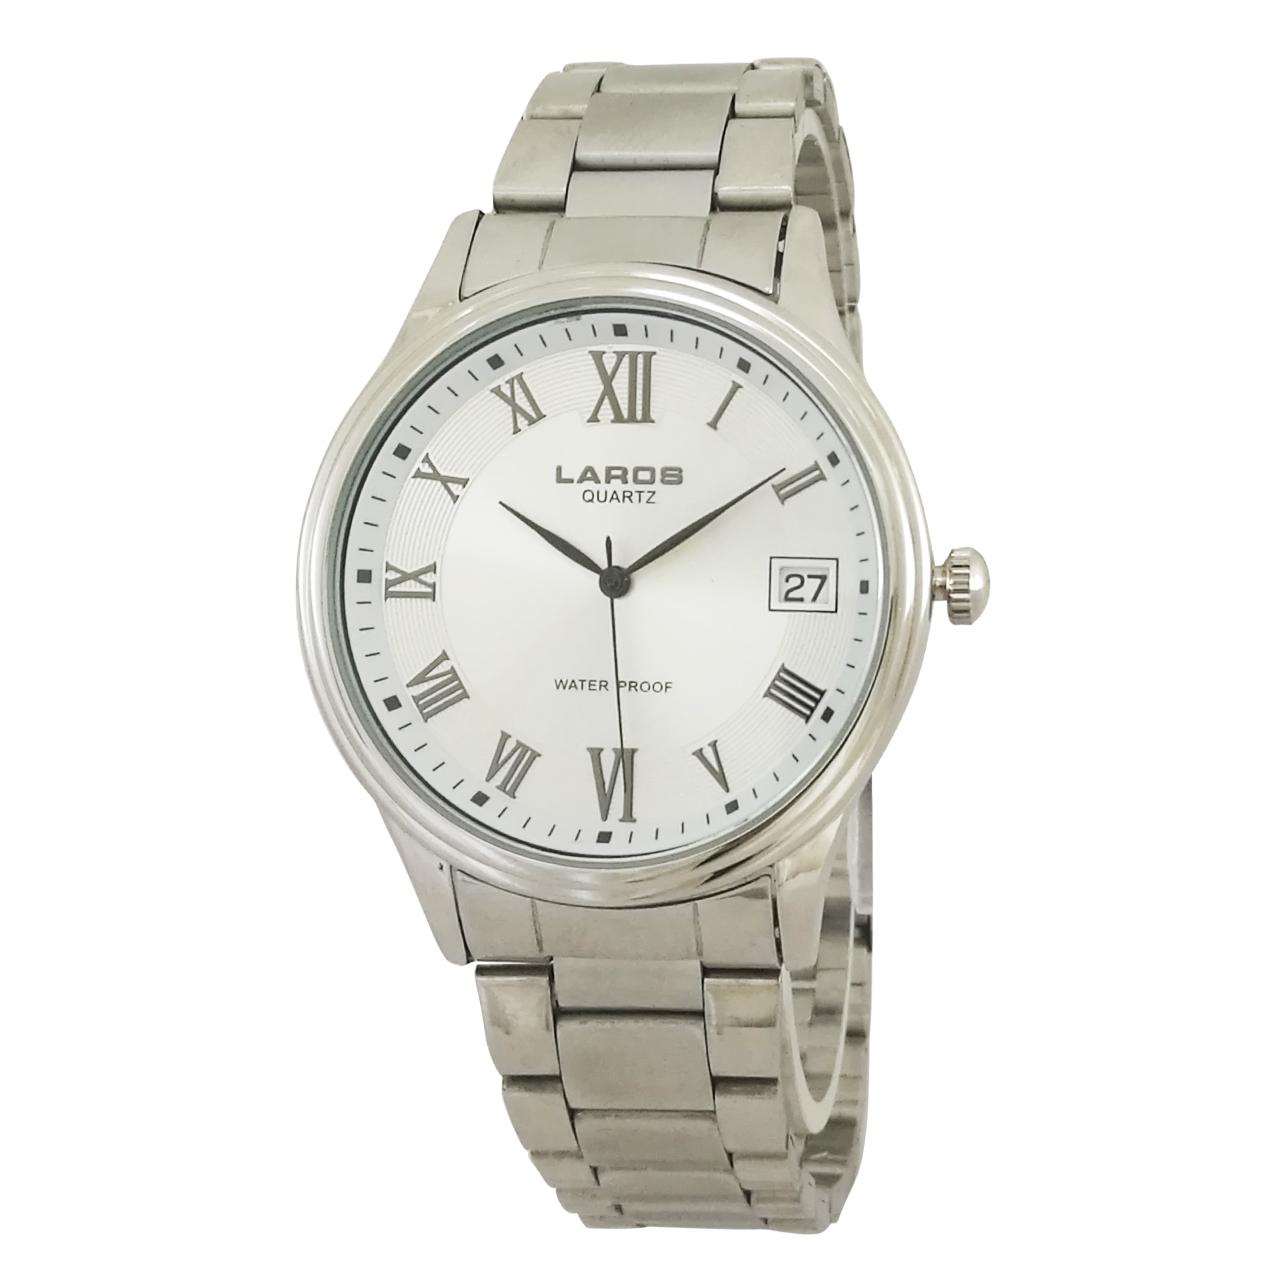 ساعت مچی عقربه ای مردانه لاروس مدل 0817-80071-d به همراه دستمال مخصوص برند کلین واچ 4